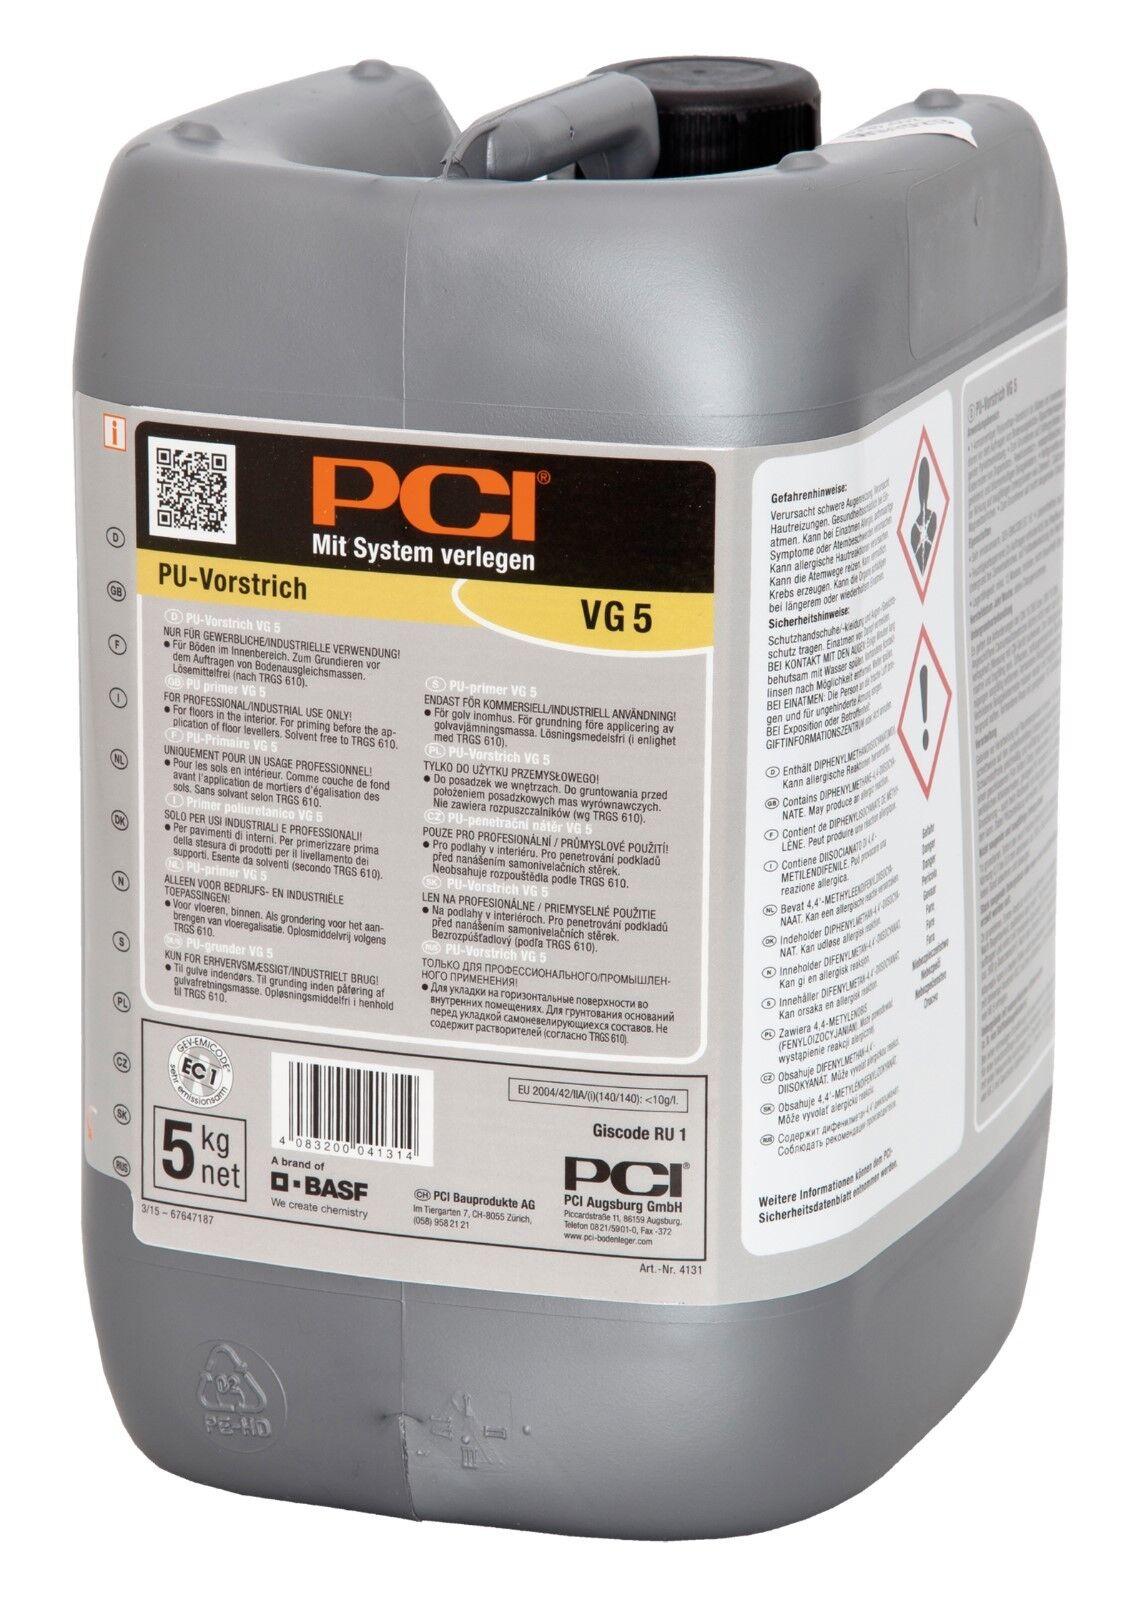 PCI VG 5 PU-Vorstrich 5 kg Polyurethan-Vorstrich für Böden im Innenbereich